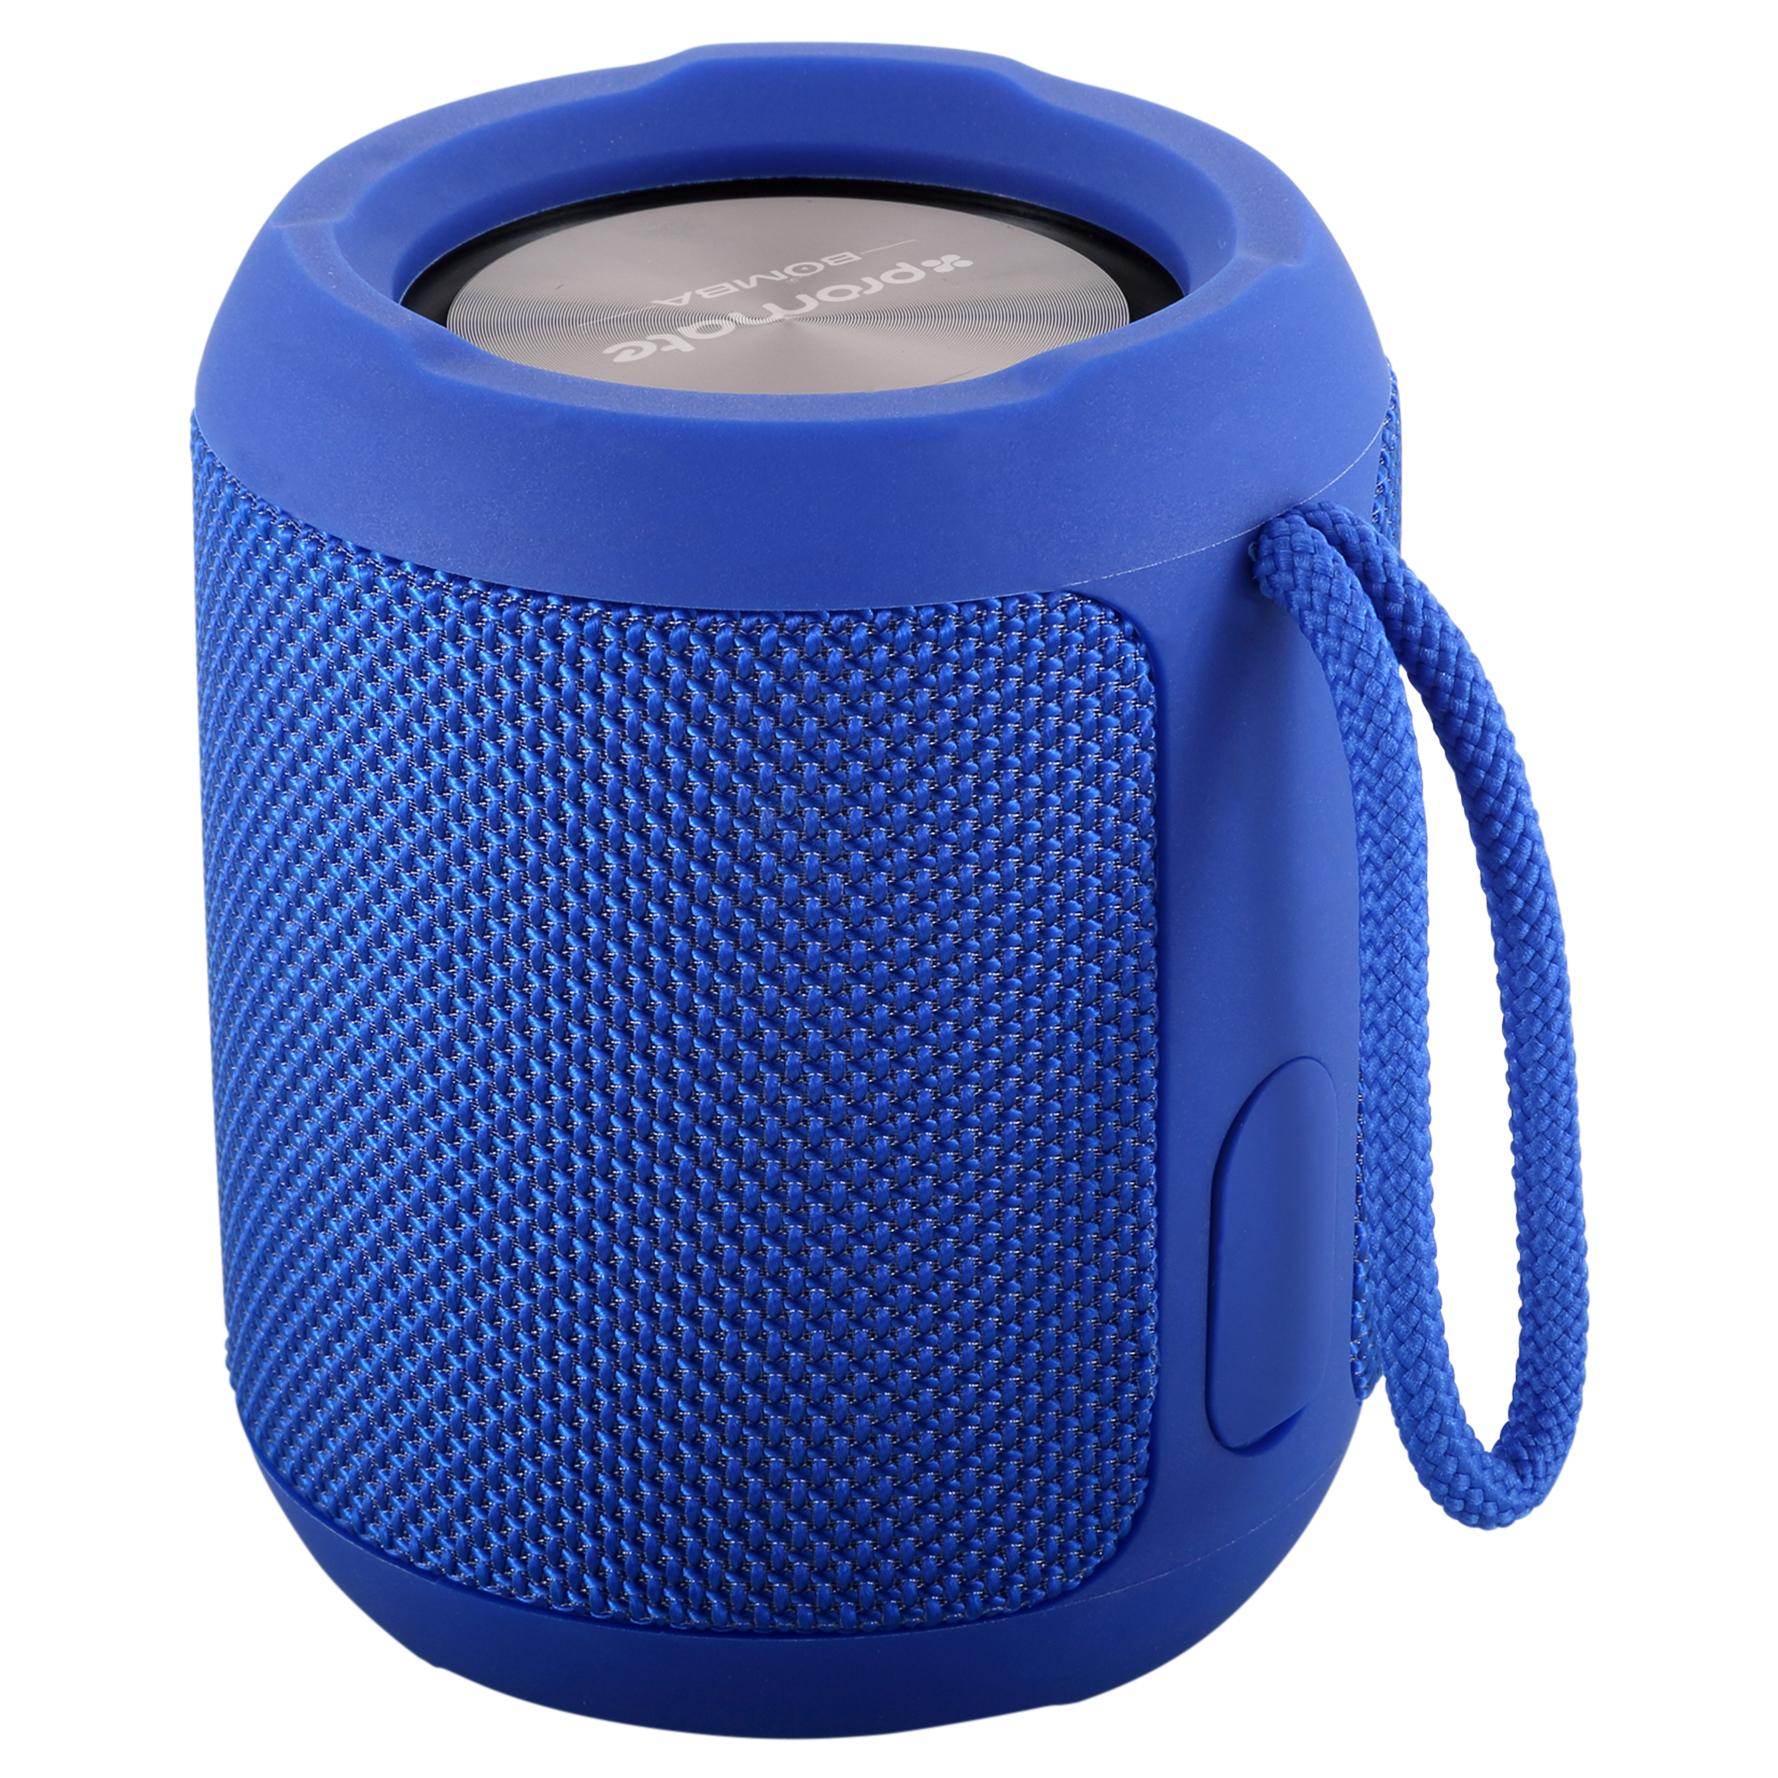 Беспроводная колонка Promate Bomba Blue, синий